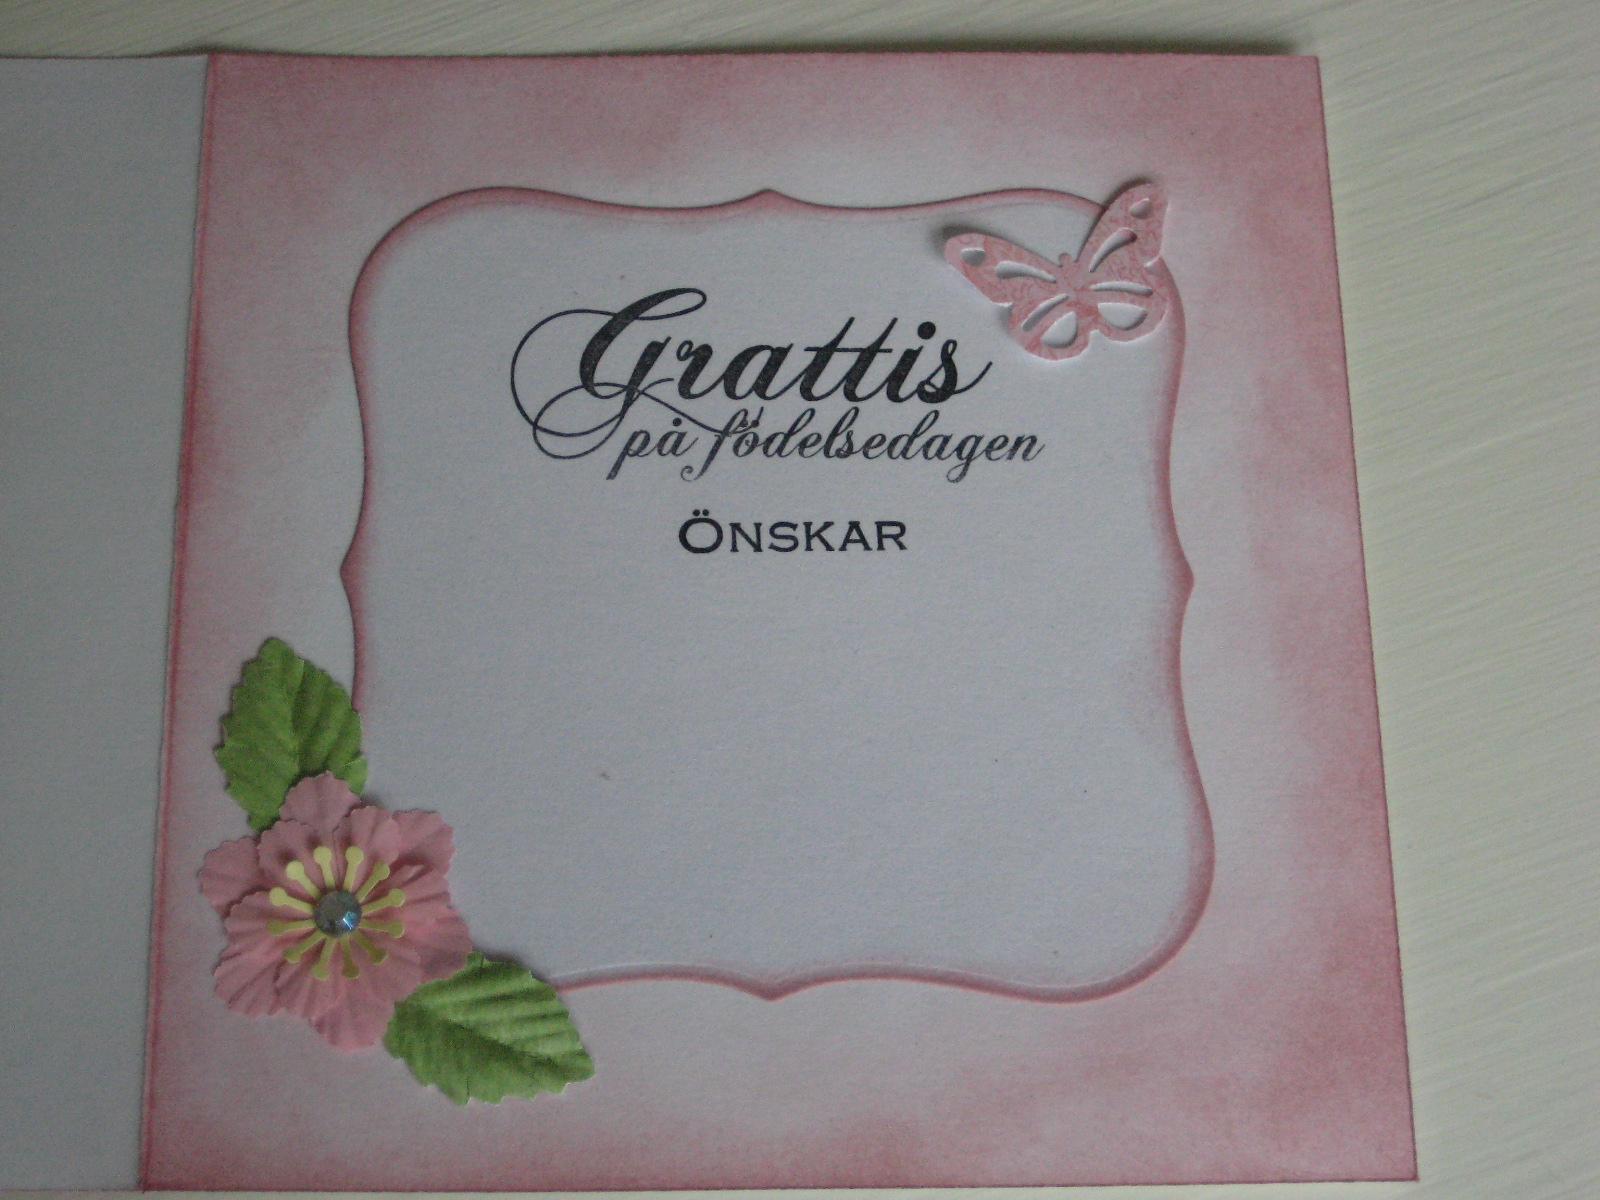 grattis på dopdagen önskar Pysselsandra: juni 2011 grattis på dopdagen önskar